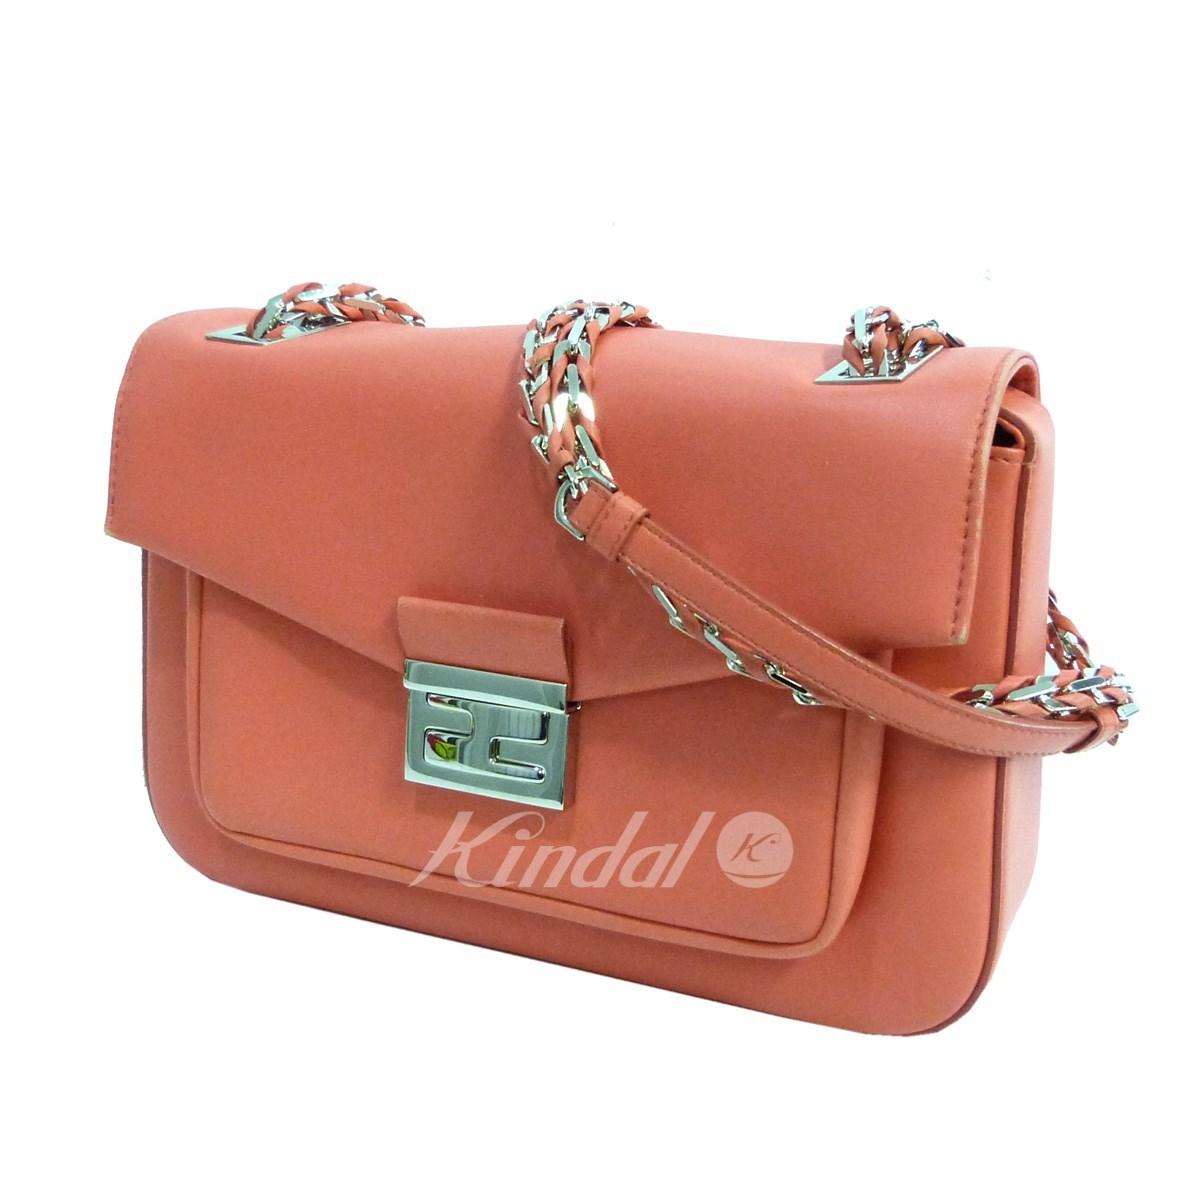 【中古】FENDI 「バゲット」 レザーショルダーバッグ ピンクオレンジ サイズ:- 【送料無料】 【180419】(フェンディ)